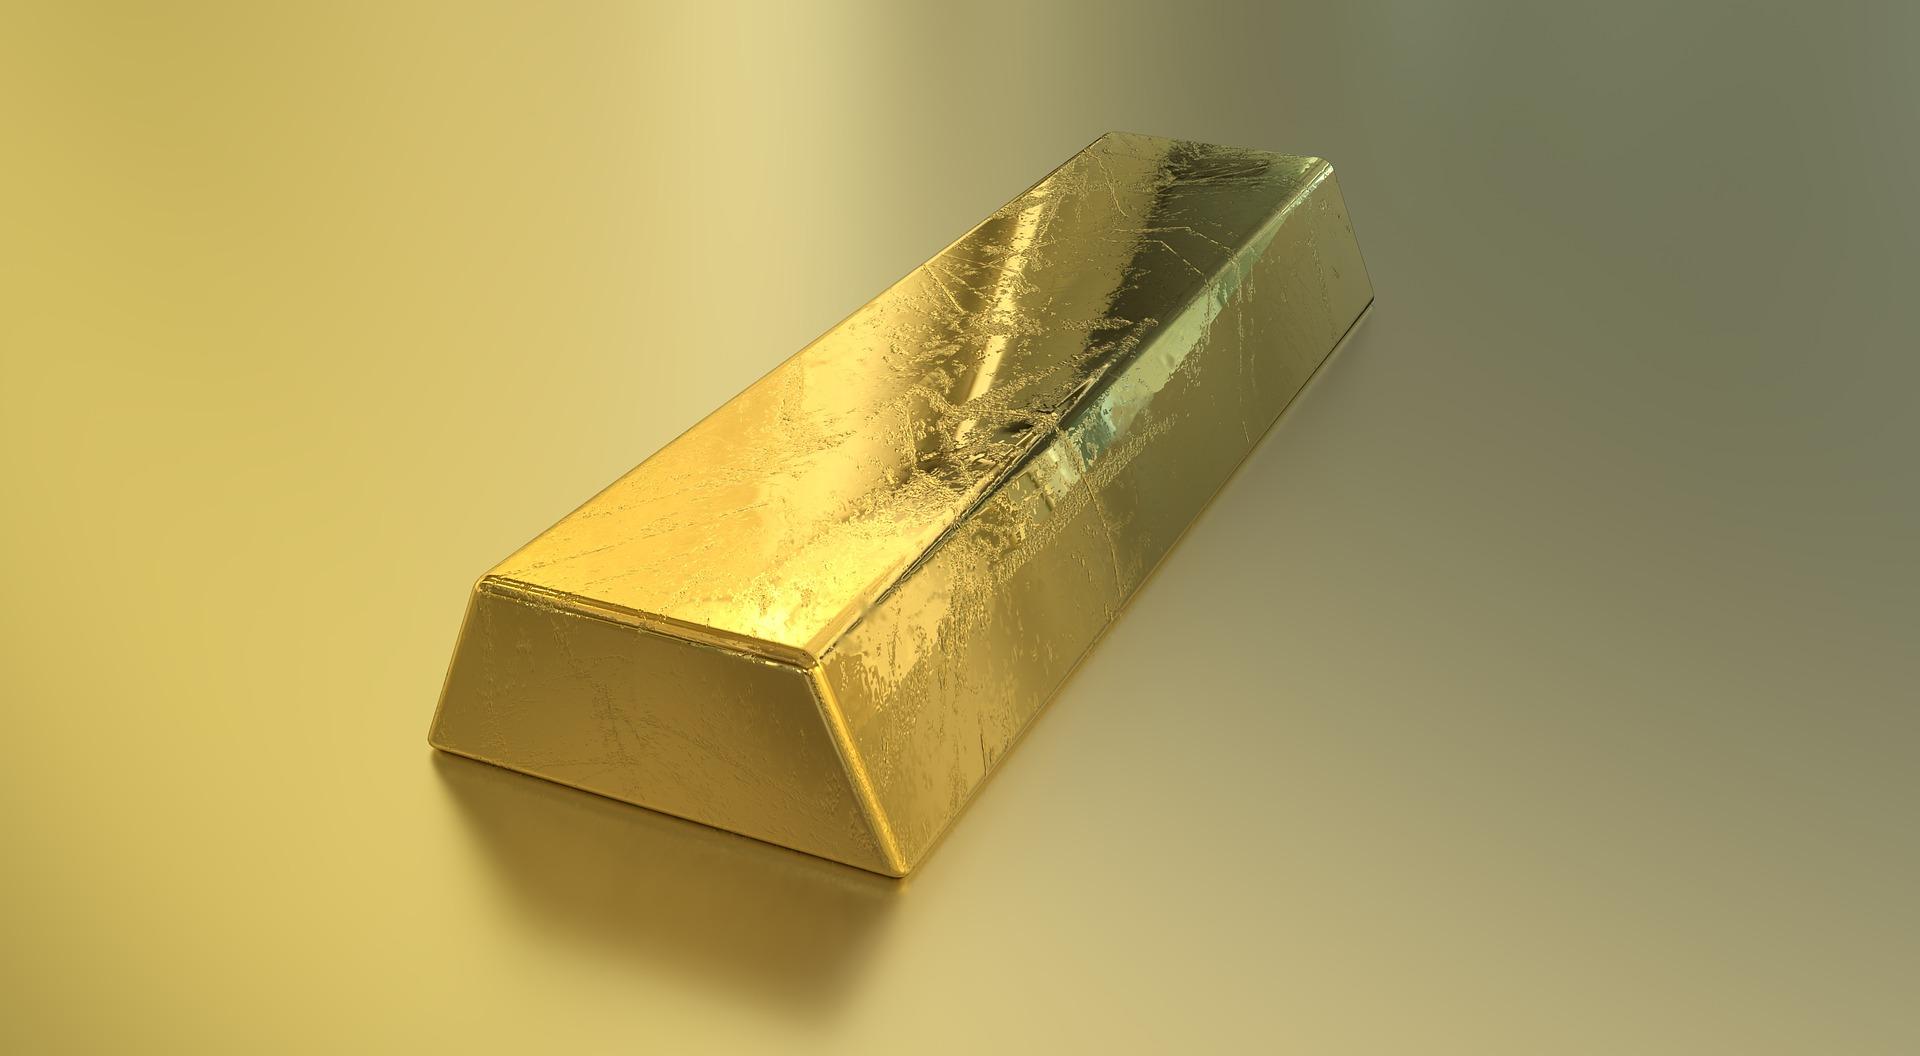 貴金属に関する英語表現